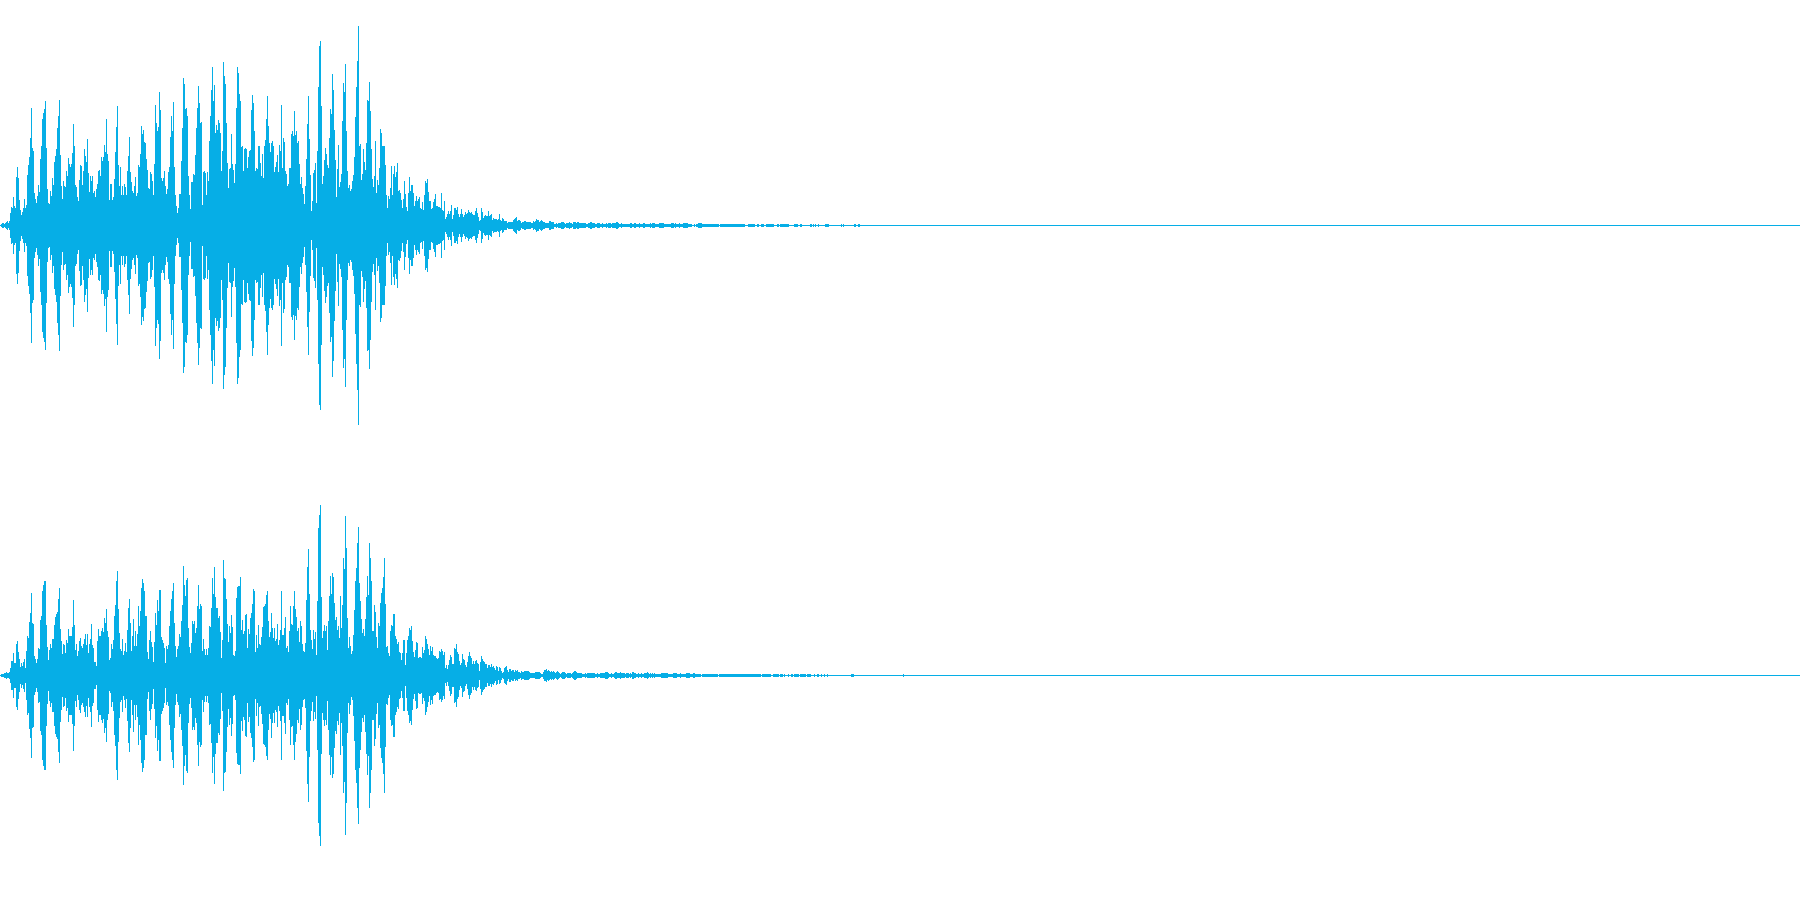 【生録音】フラミンゴの鳴き声 43の再生済みの波形